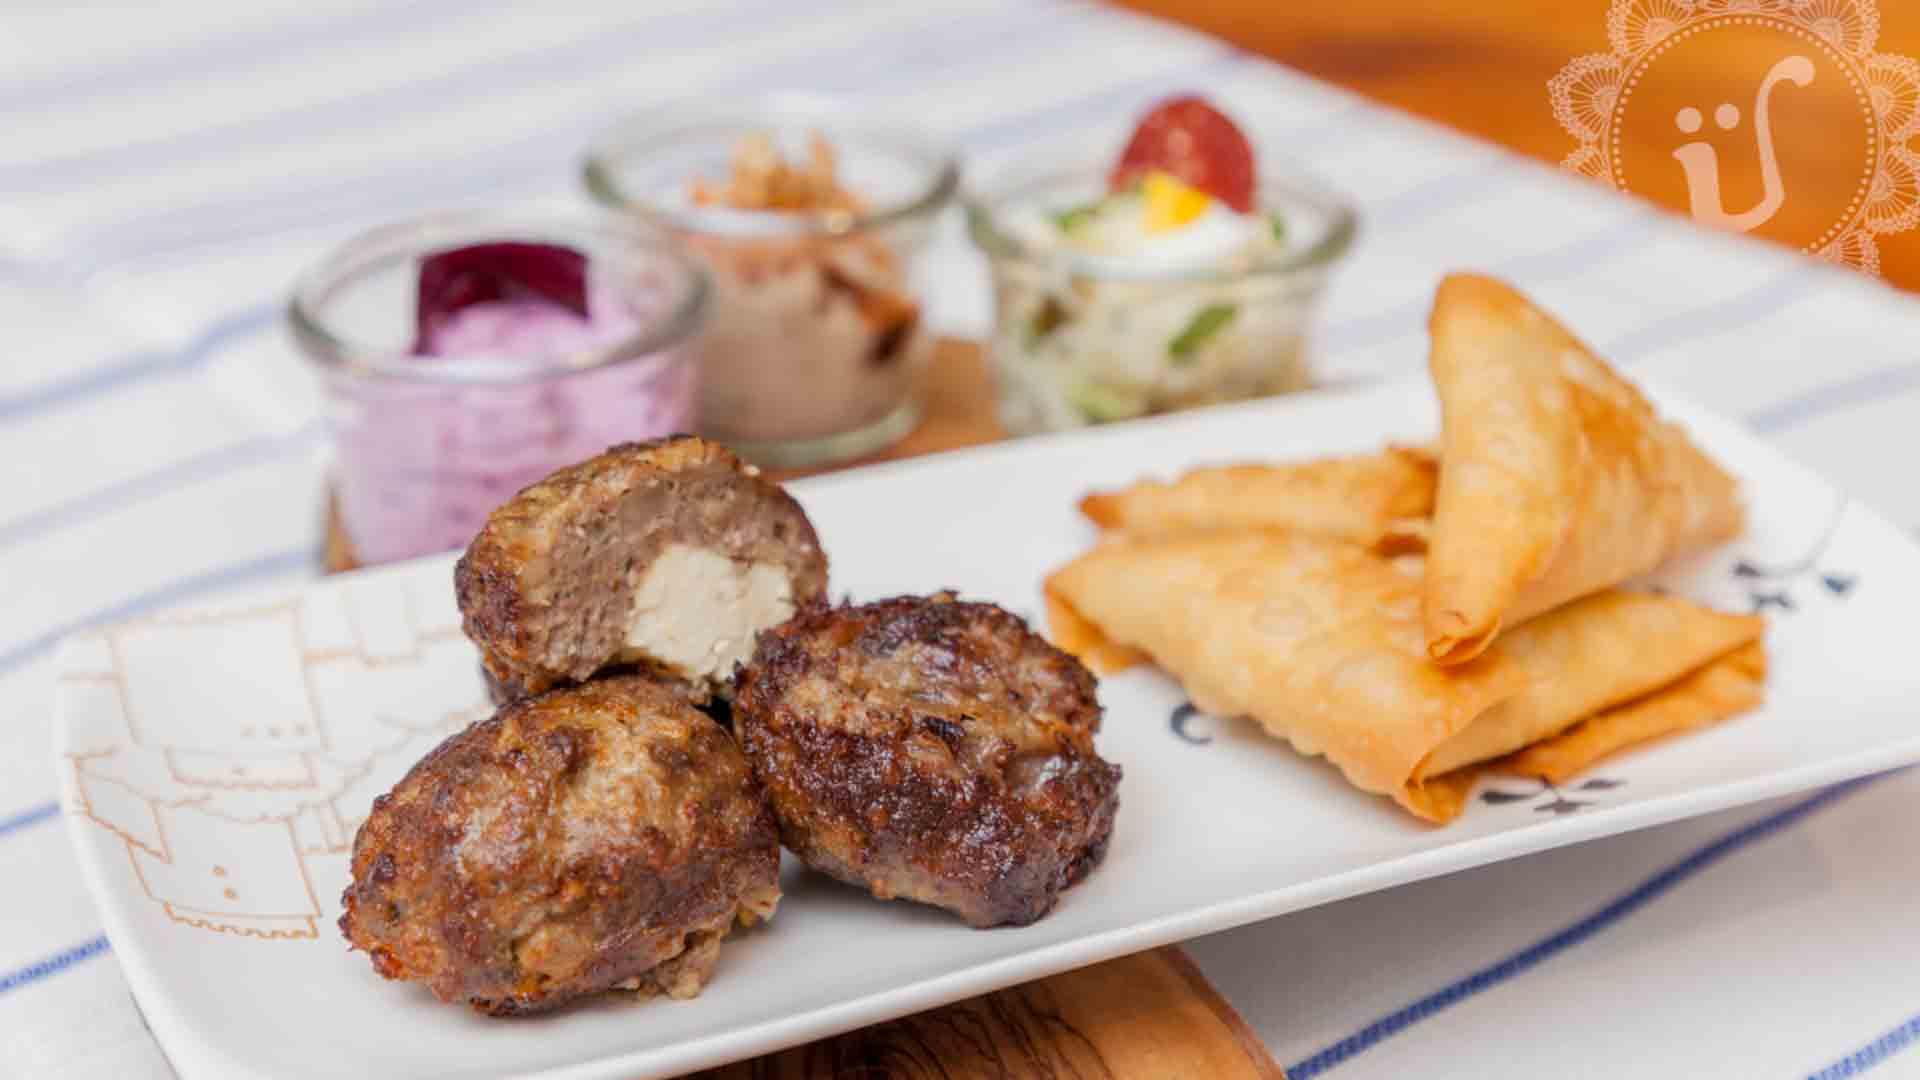 Muffin-Köfte-Überraschungen und Teigecken mit Linsenfava, Datteln und Lauchzwiebeln-Füllung